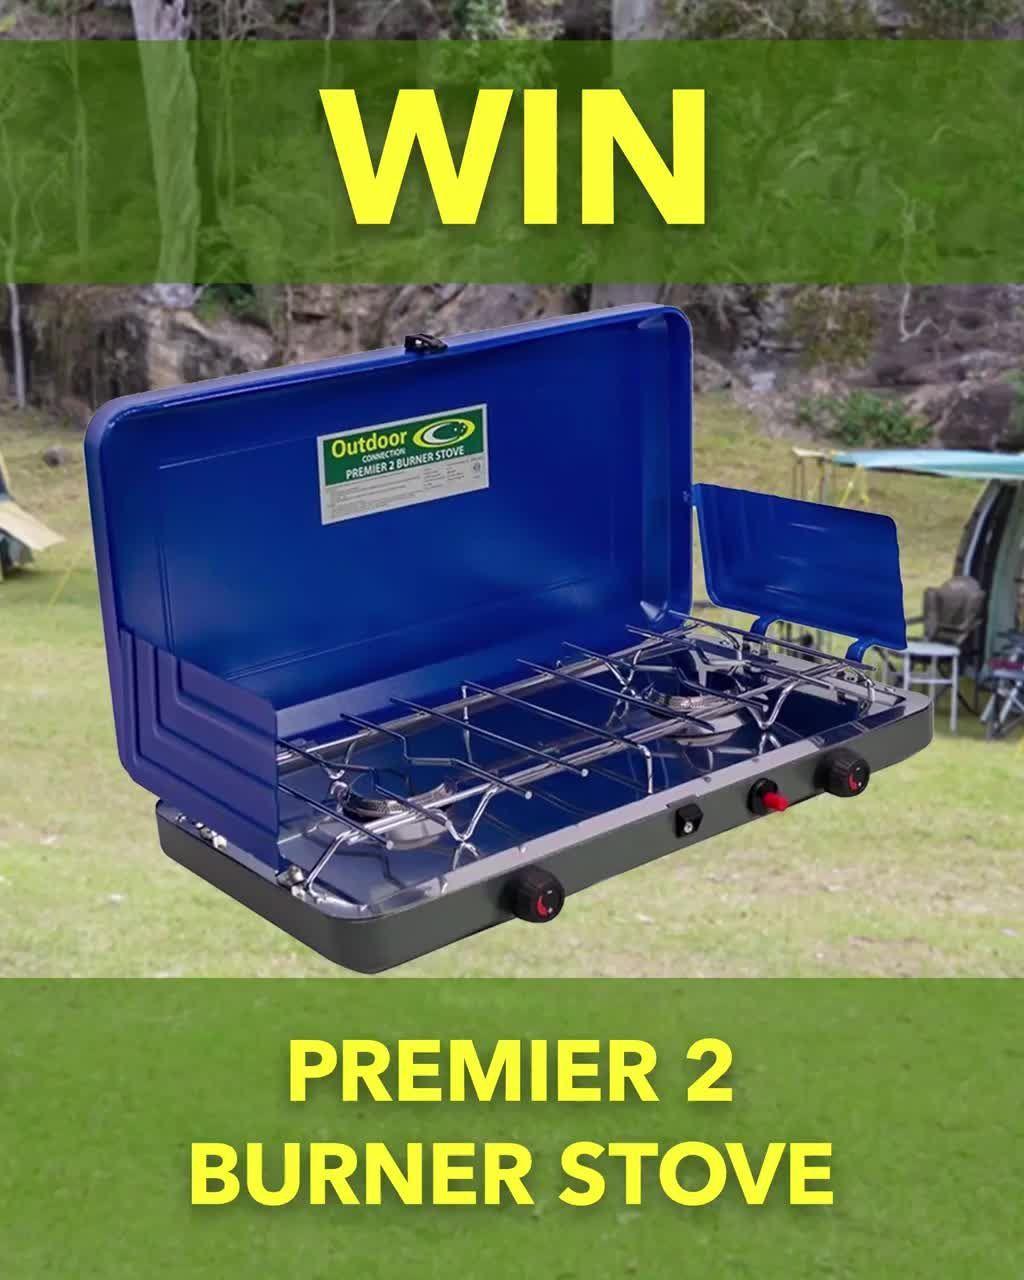 Premier 2 burner stove giveawayburner giveaway premier